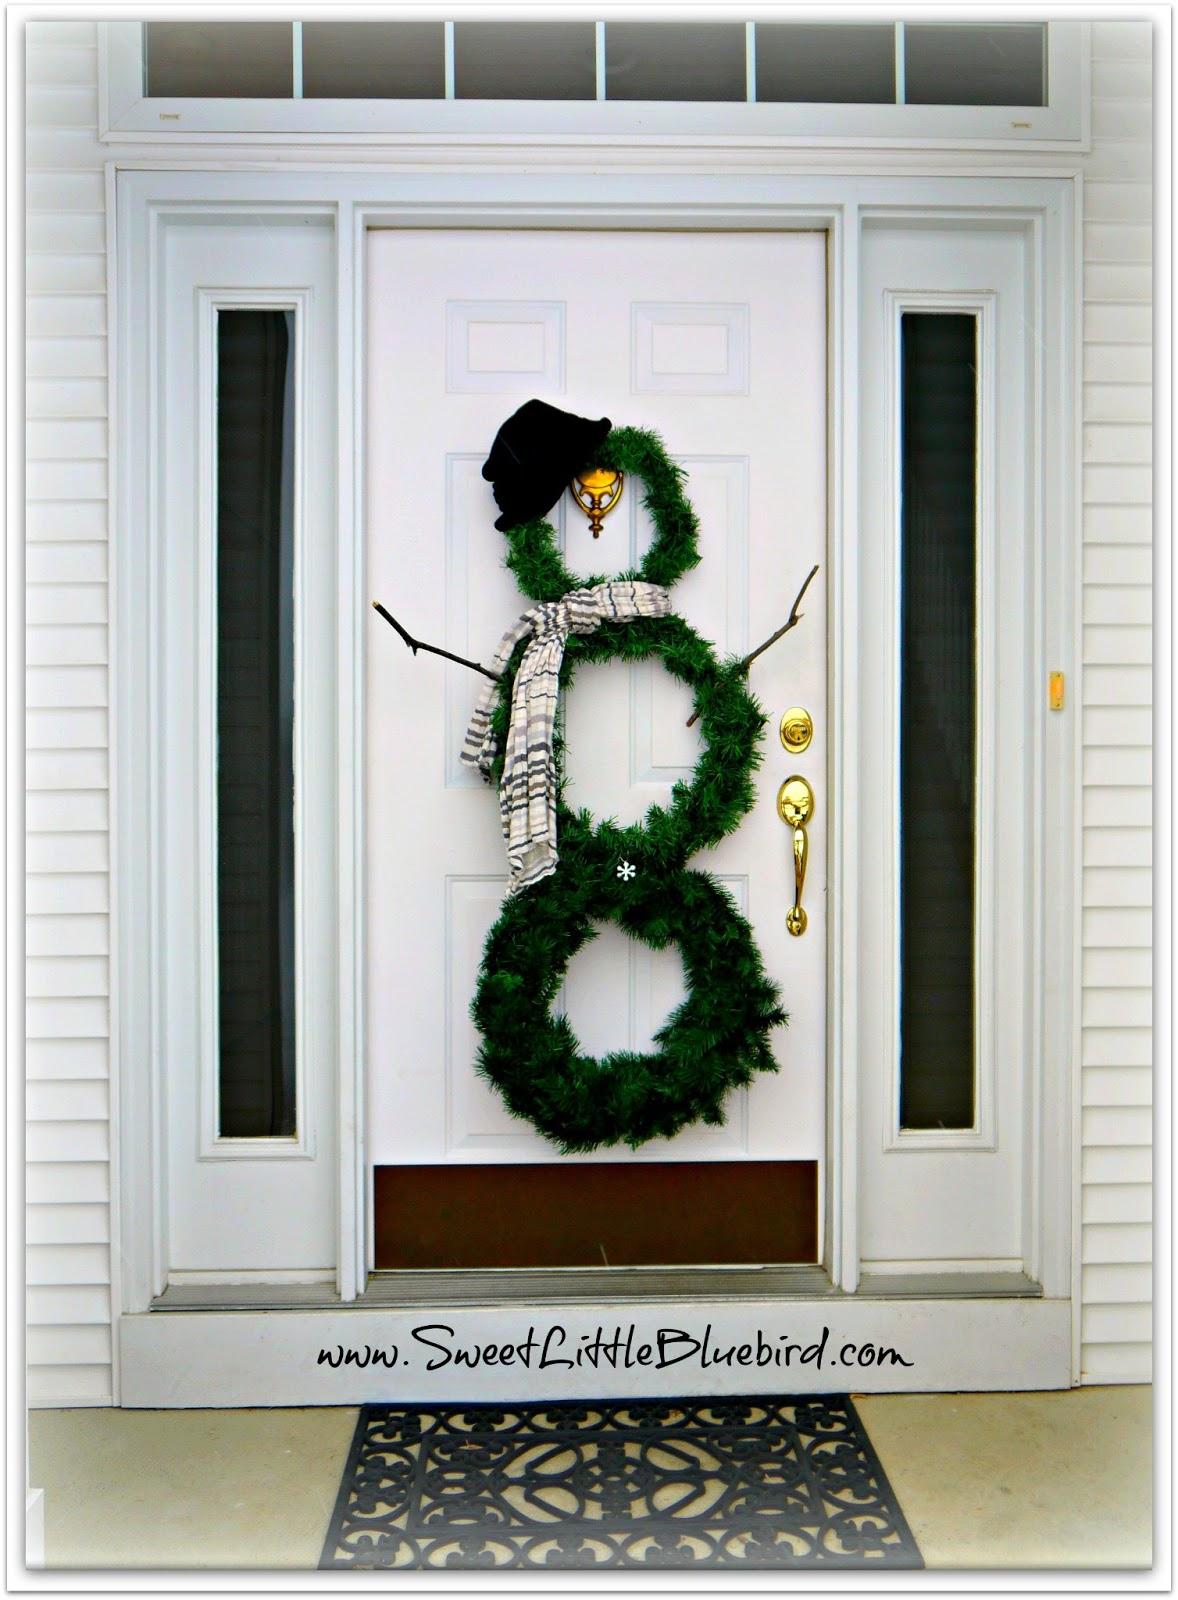 Diy winter wreaths for front door - I Love My Snowman Wreath